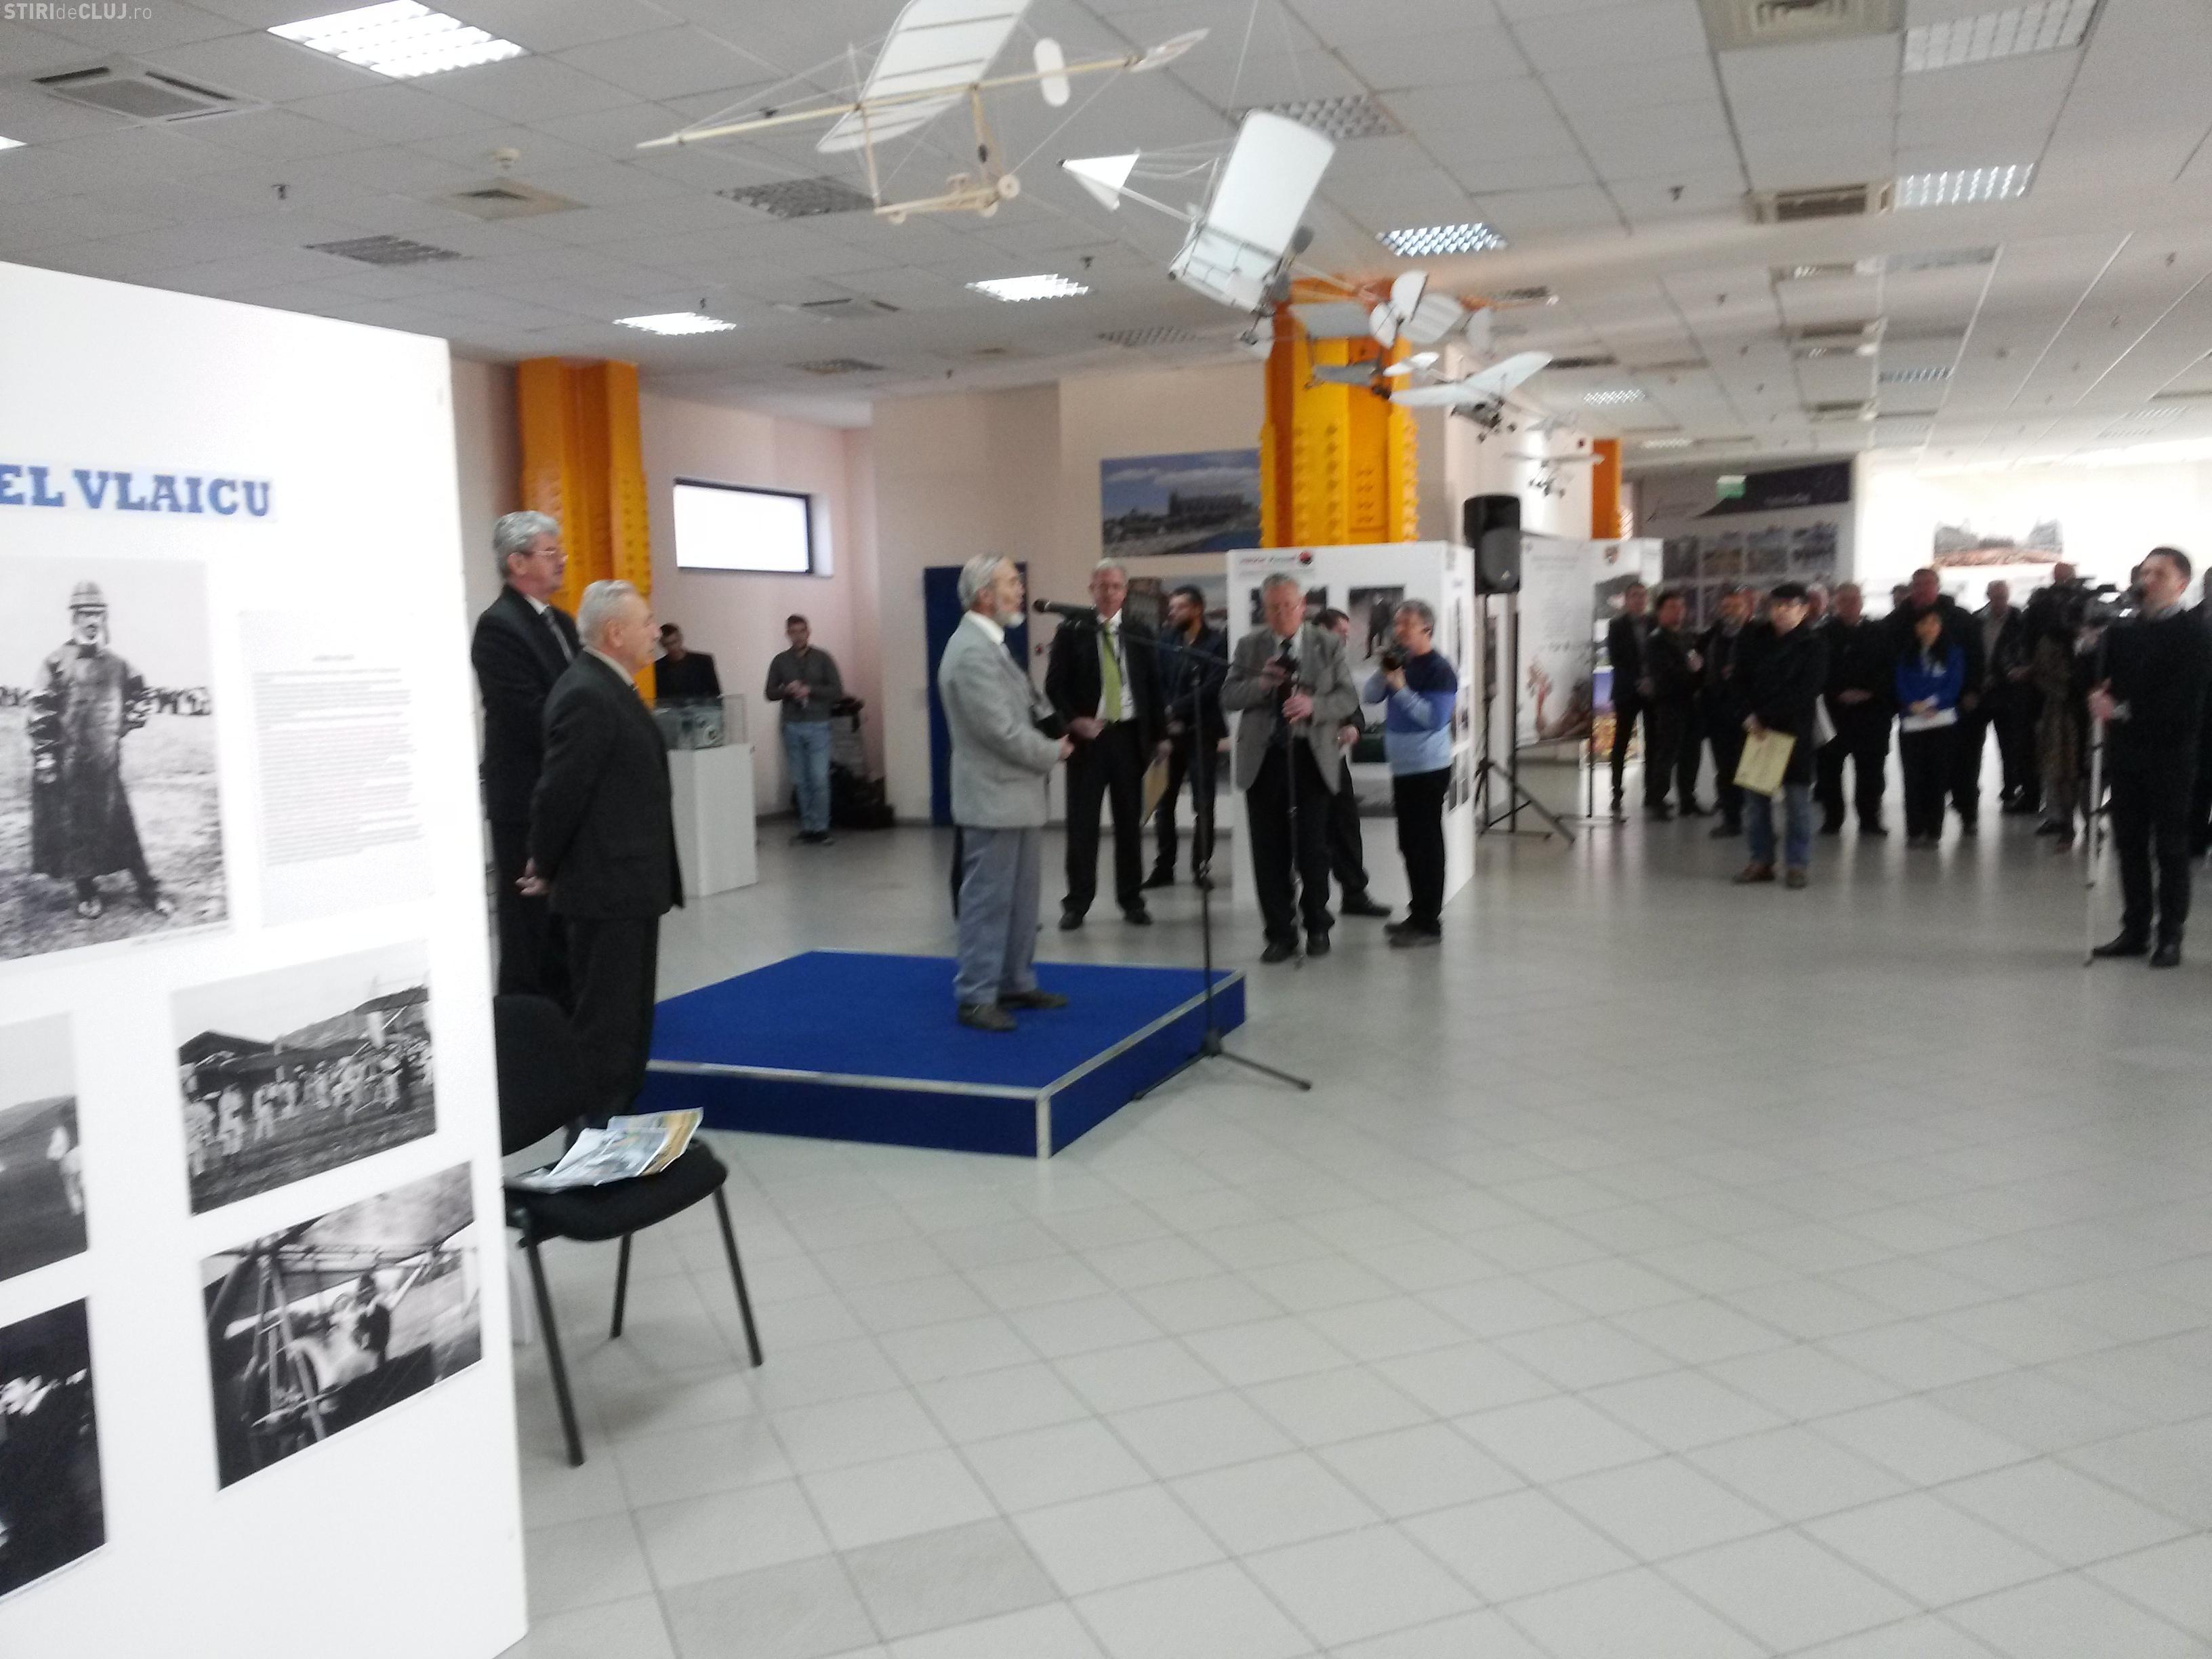 """Aeroportul Cluj găzduiește expoziția """"ISTORIA INDUSTRIEI AERONAUTICE DIN ROMÂNIA"""""""